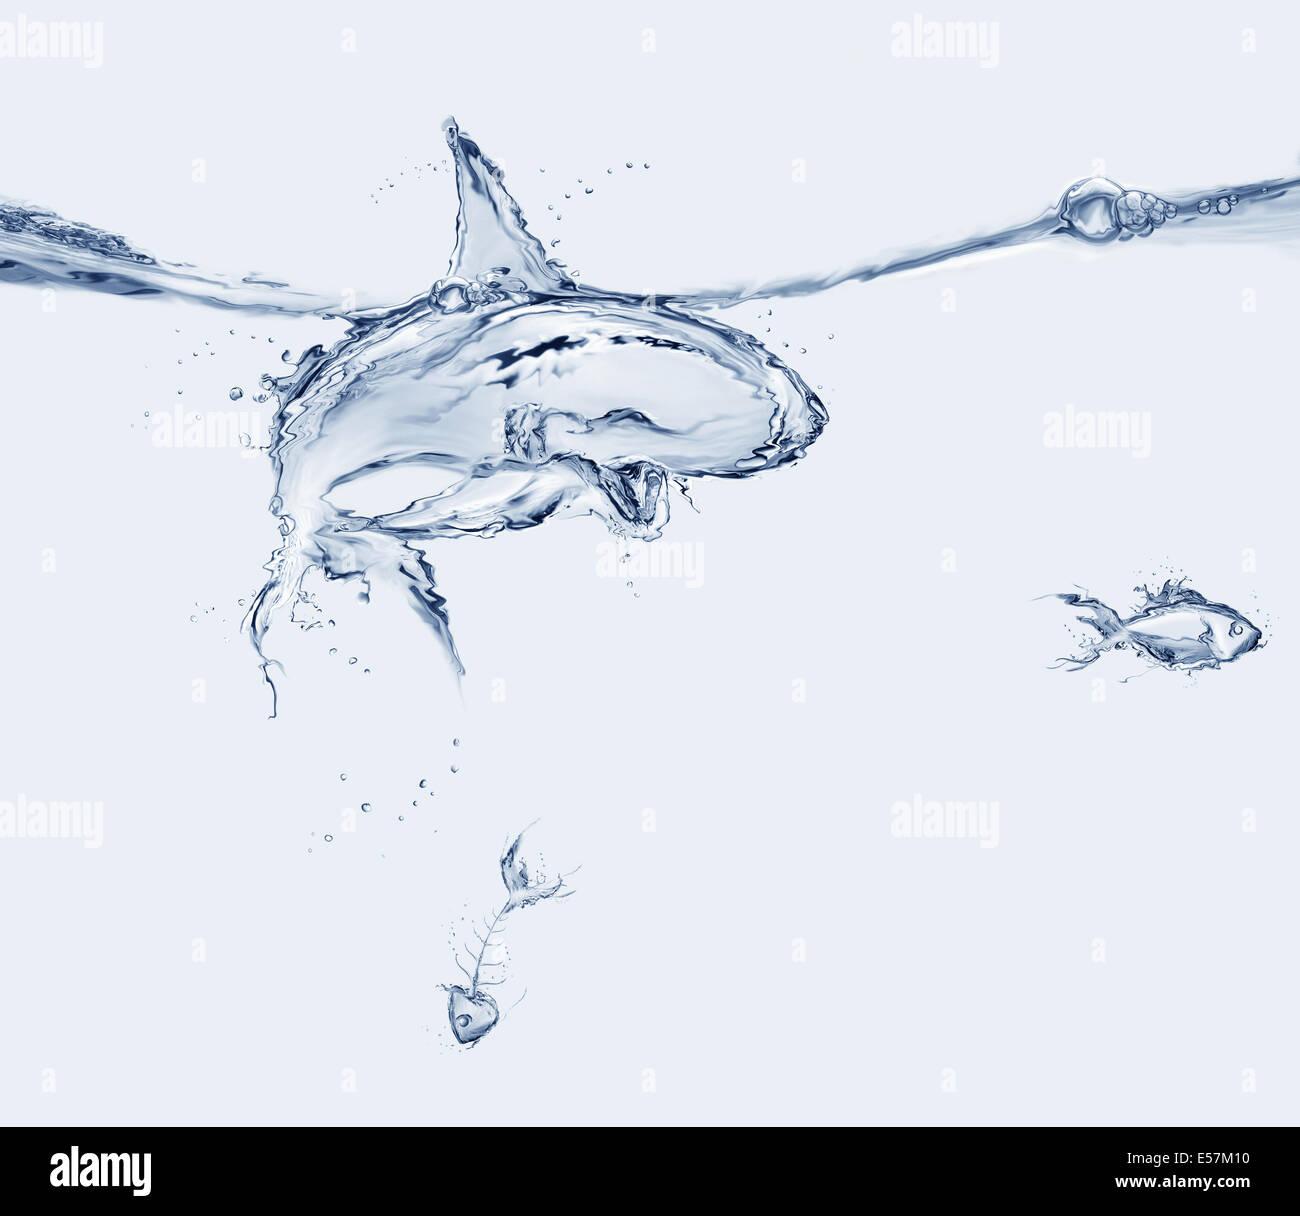 Uno squalo di acqua mangiato un pesce e lasciato il fishbone. Immagini Stock